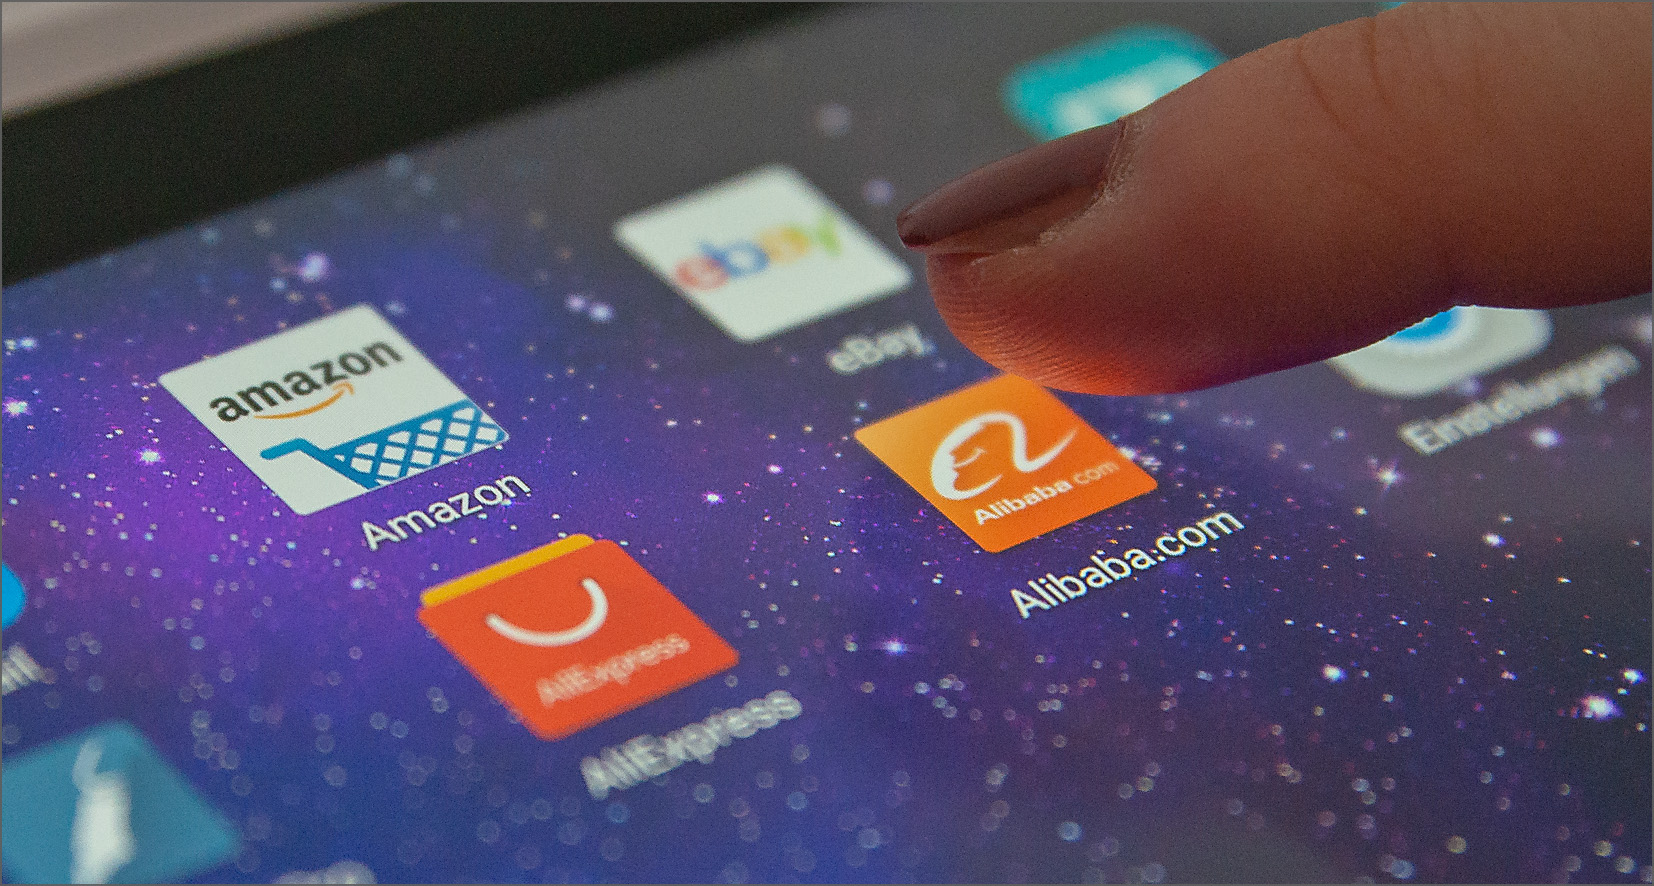 Alibaba et al: an alternative to European online print offerings?